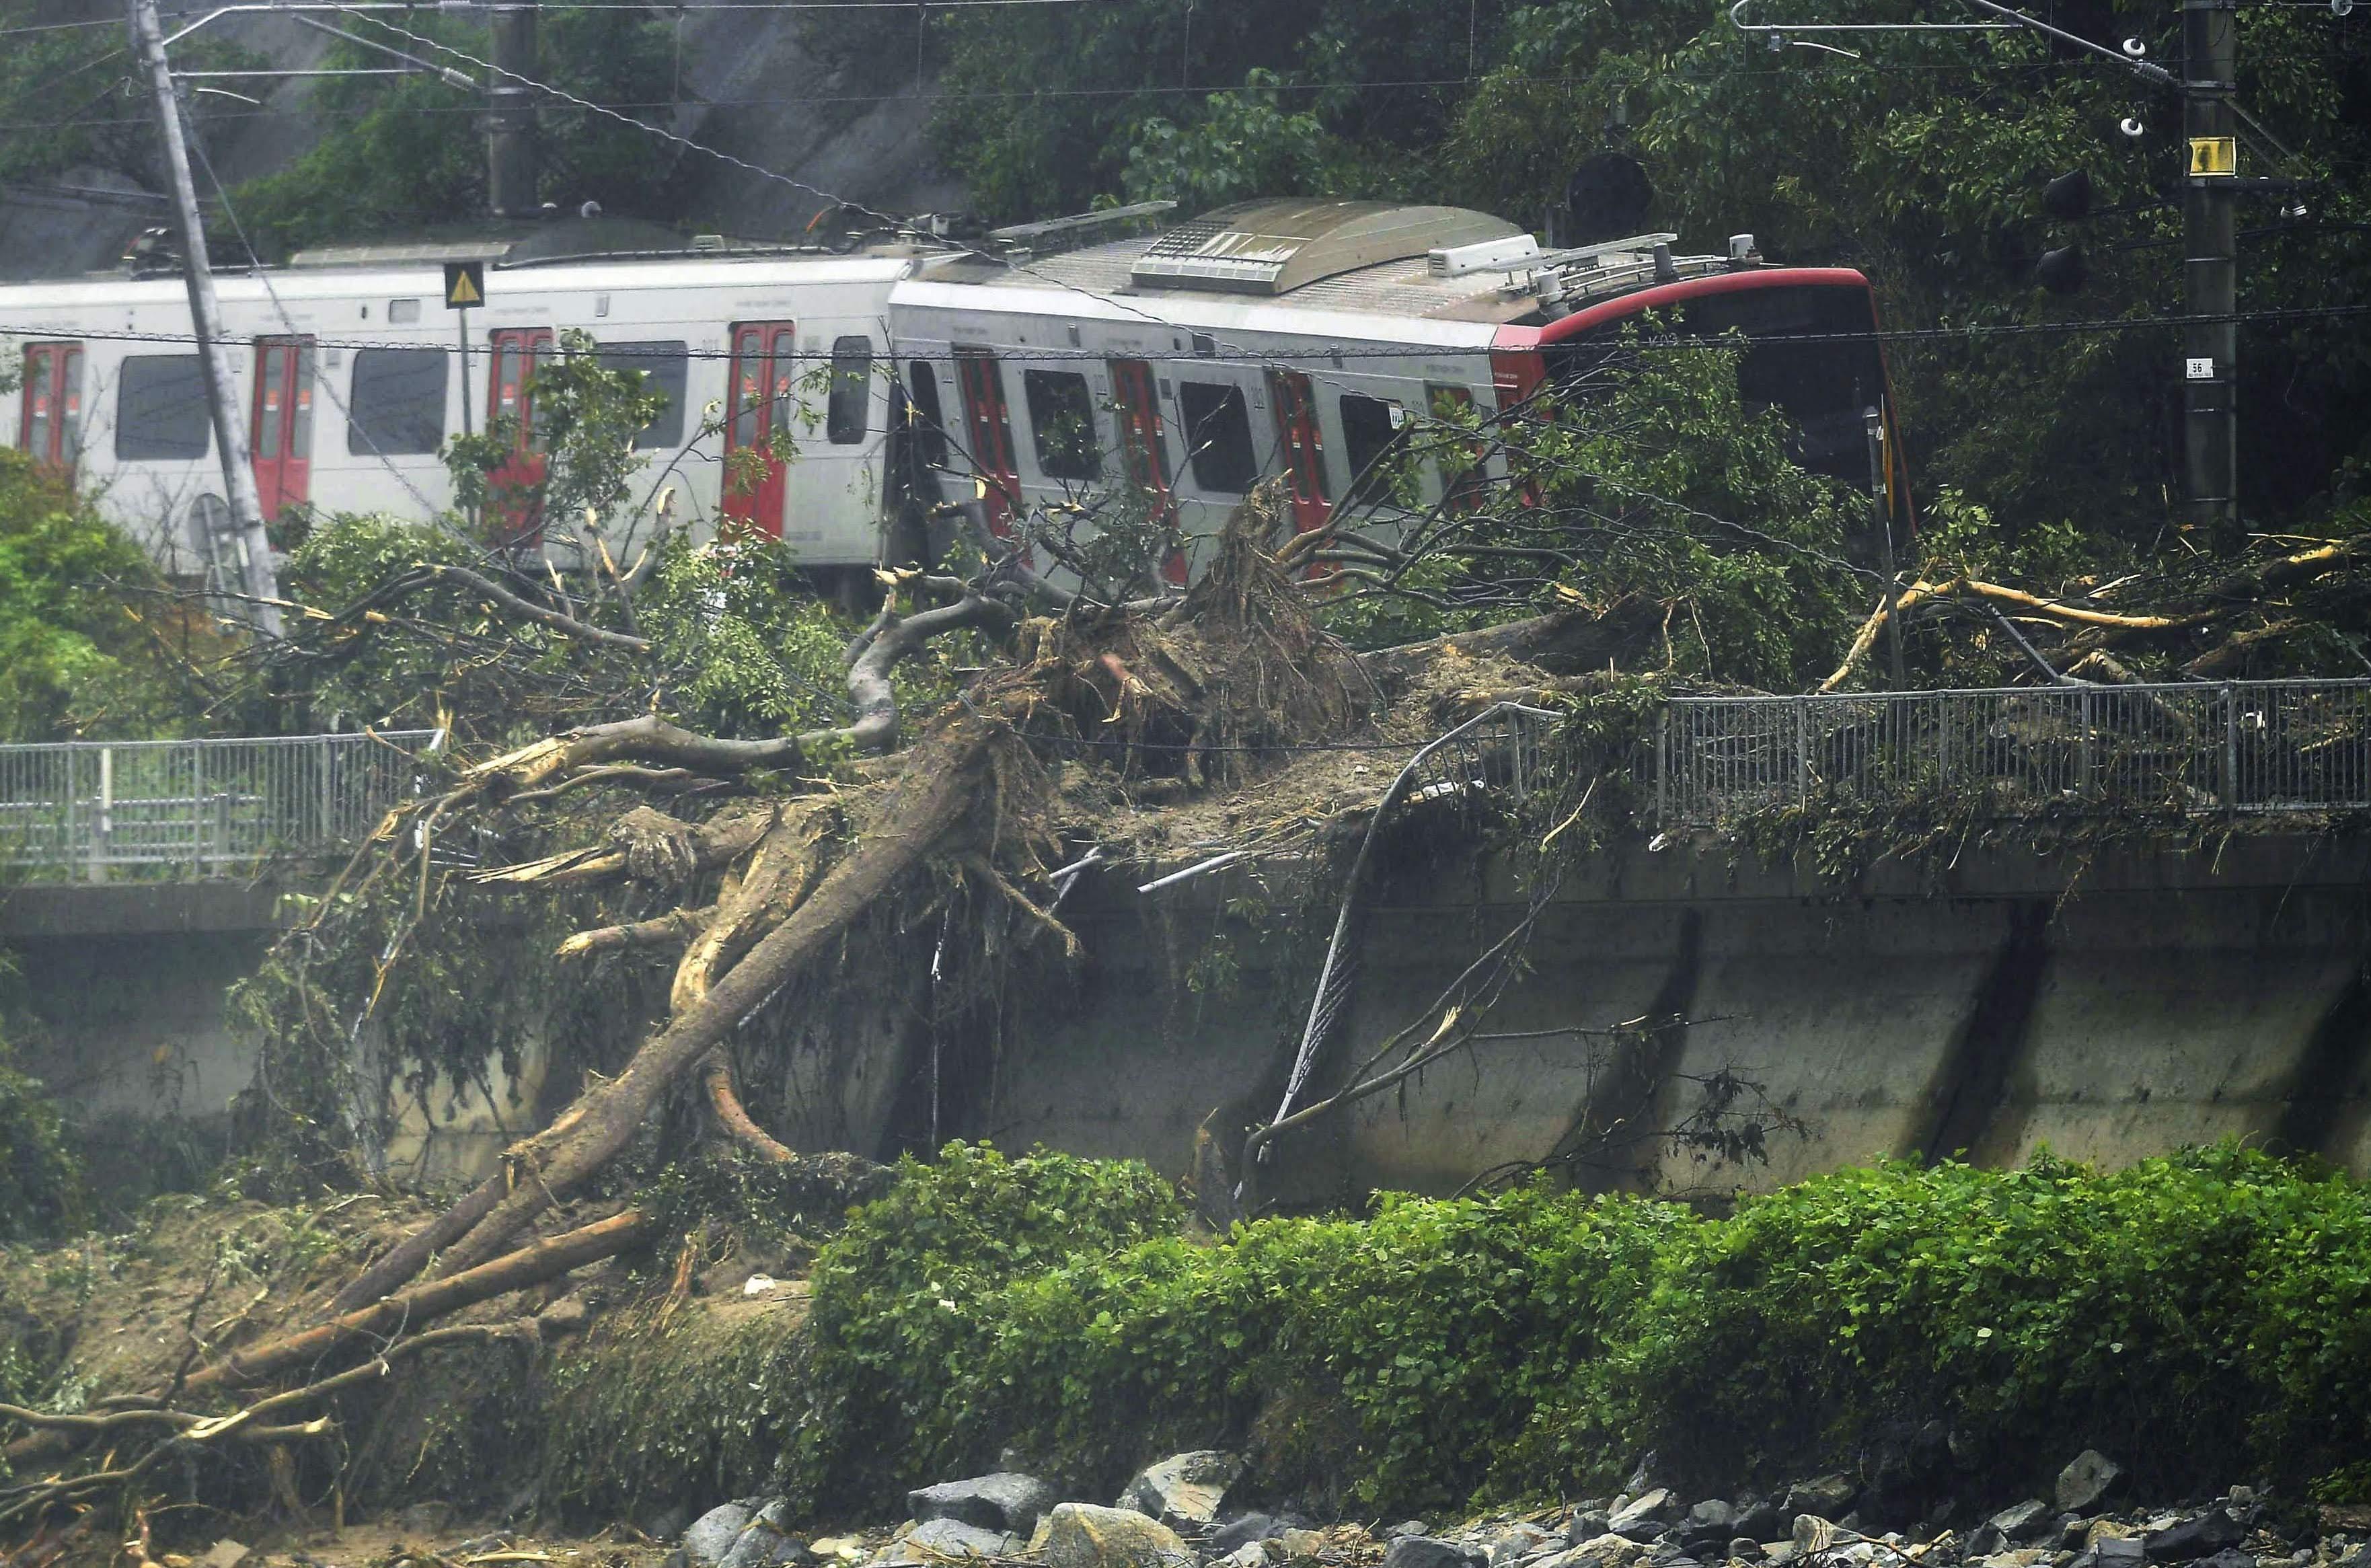 Mưa lớn tiếp tục trút xuống các tỉnh Hiroshima, Okayama, Osaka cùng nhiều tỉnh khác ở phía Tây Nhật Bản, gây lở đất và ngập lụt, phá hủy nhà cửa, cuốn trôi nhiều ôtô.